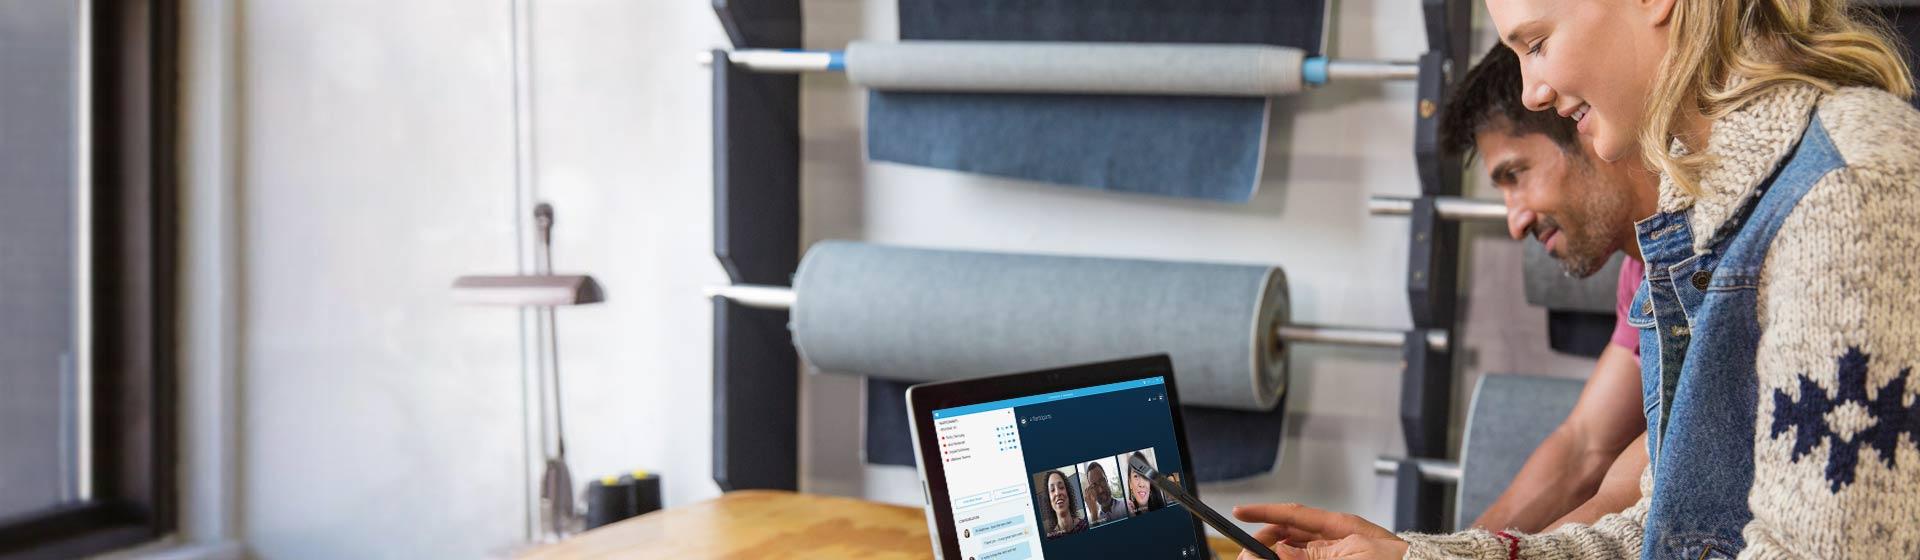 Mulher e homem usando as reuniões do Skype no tablet; a mulher está segurando a imagem de um telefone